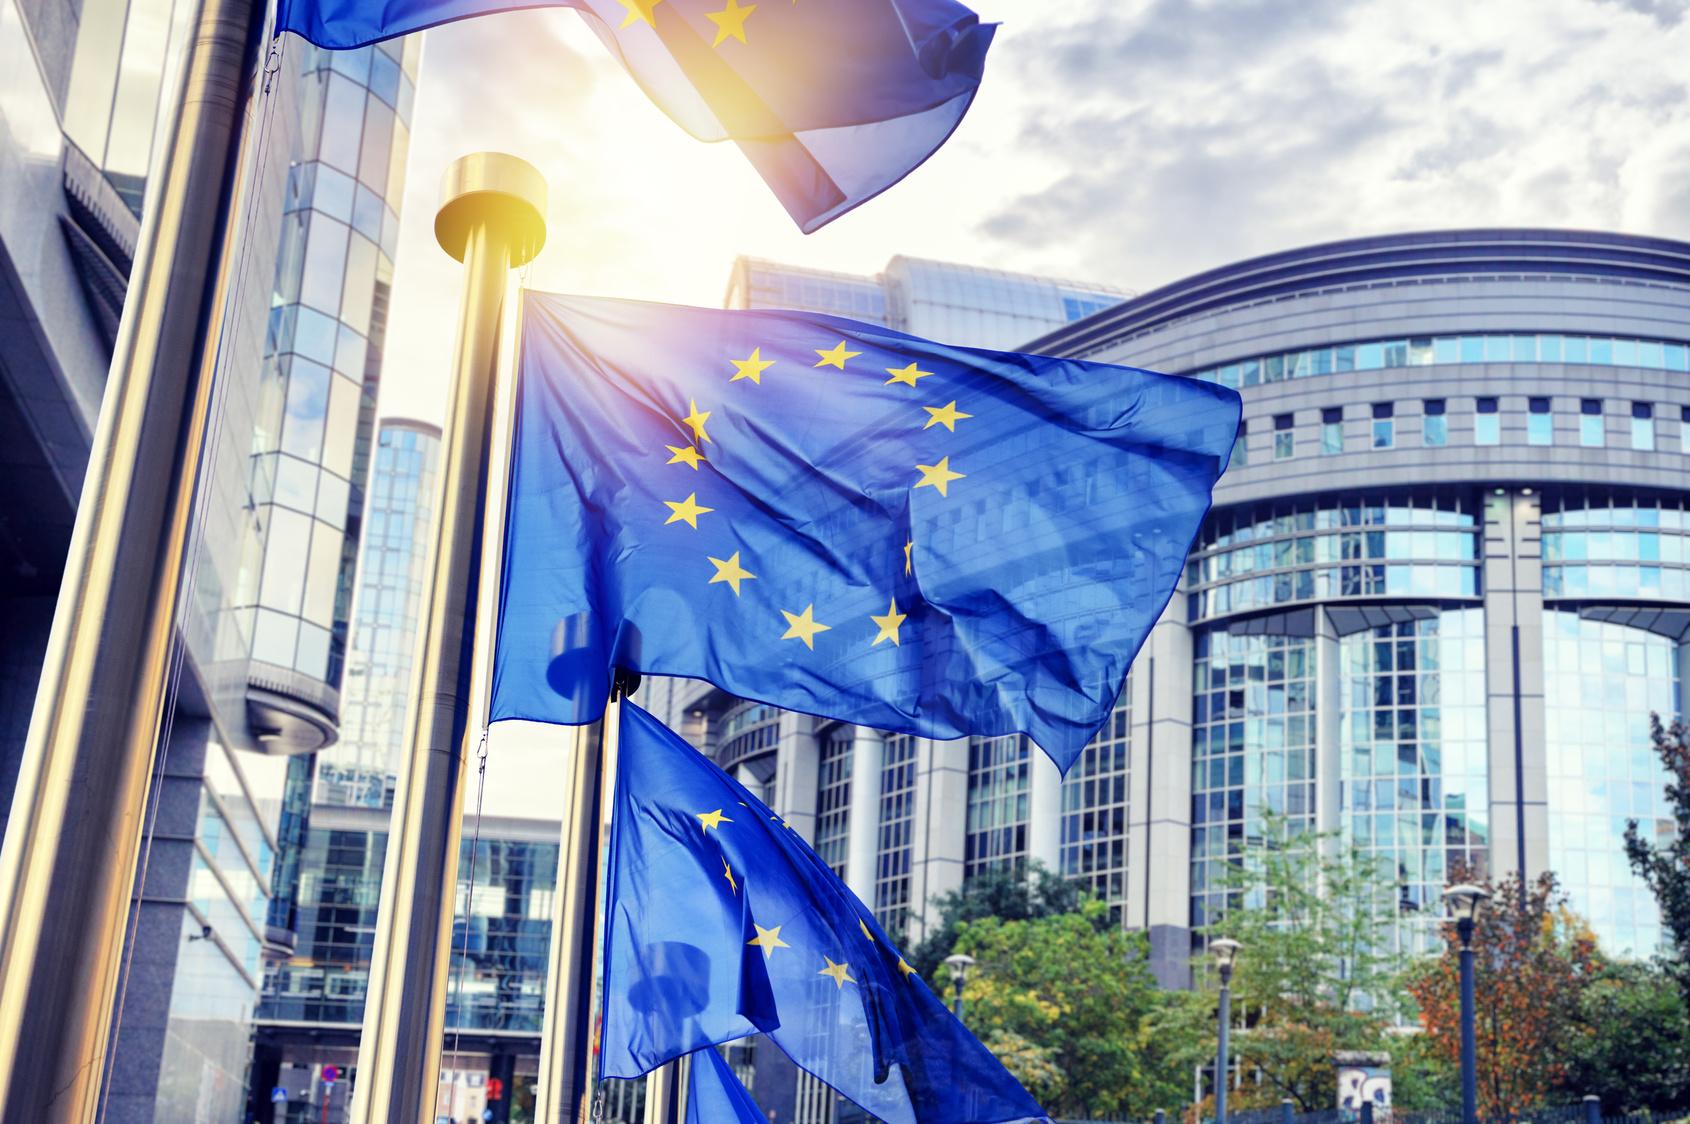 85 Millionen Euro: EU sagt Unterstützung für Flüchtlinge zu